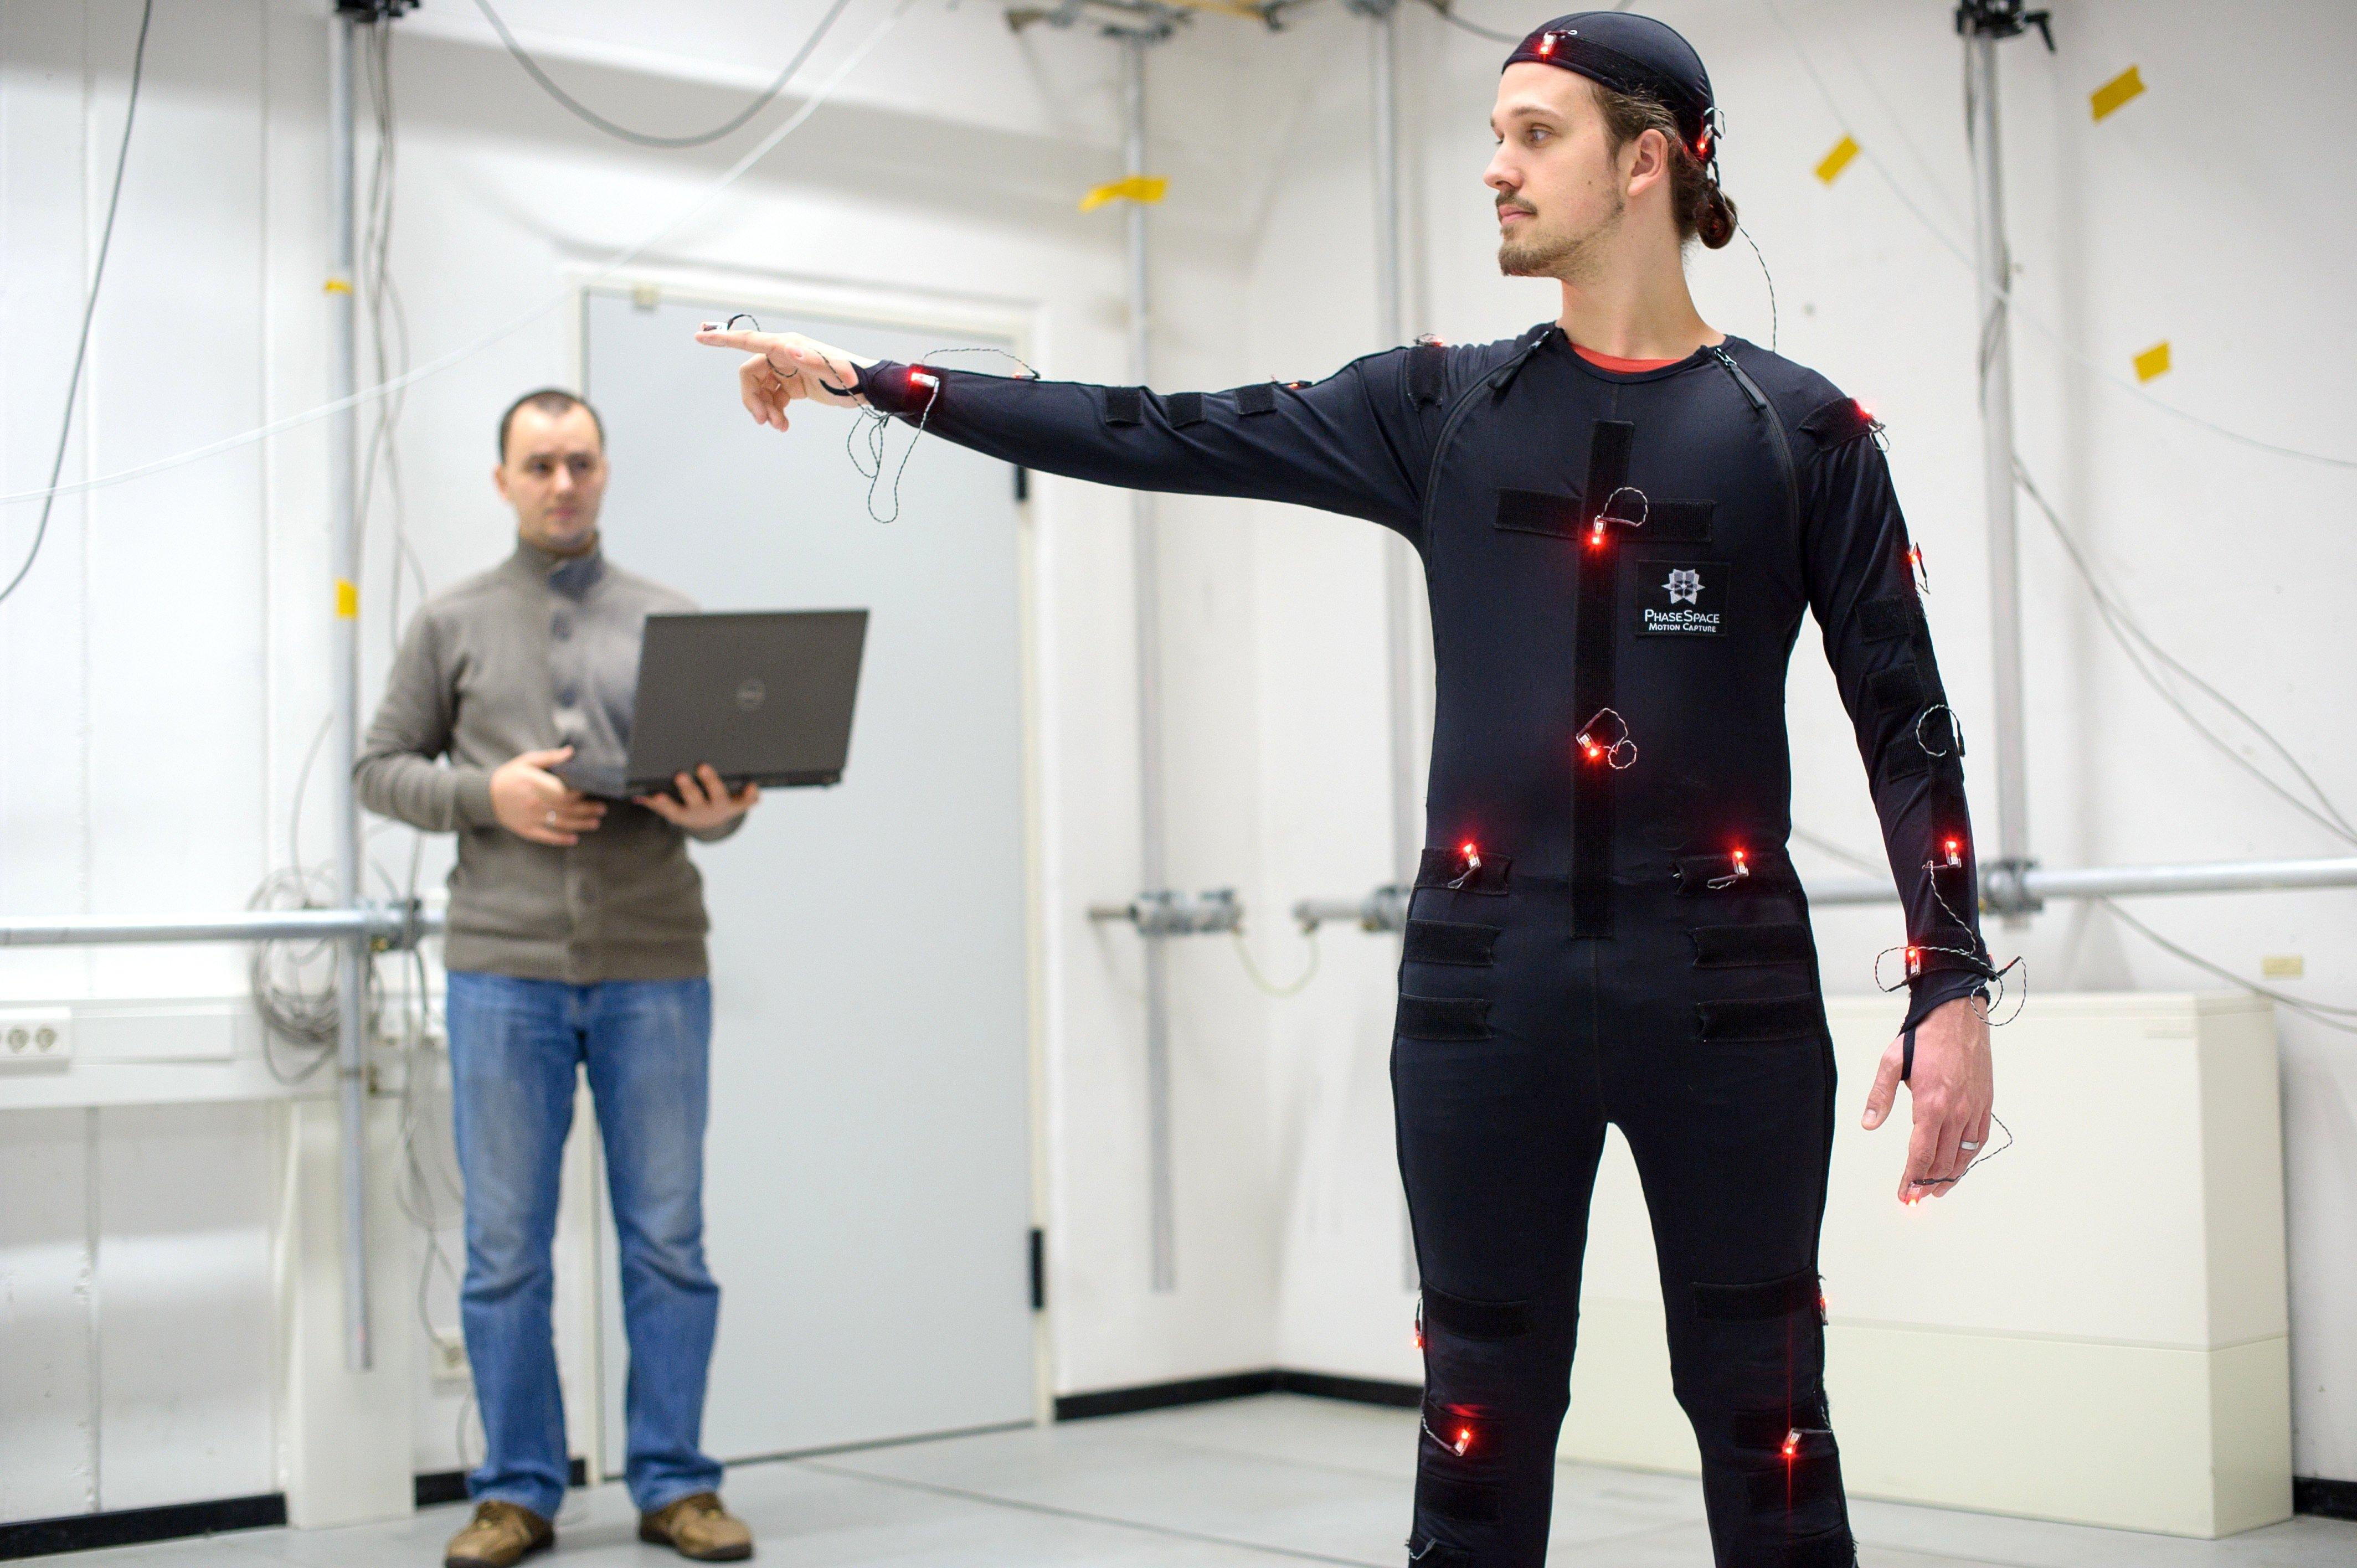 Das Verfahren überträgt die Bewegungen aus dem Motion-Capturing-Verfahren auf ein Modell des menschlichen Körpers.